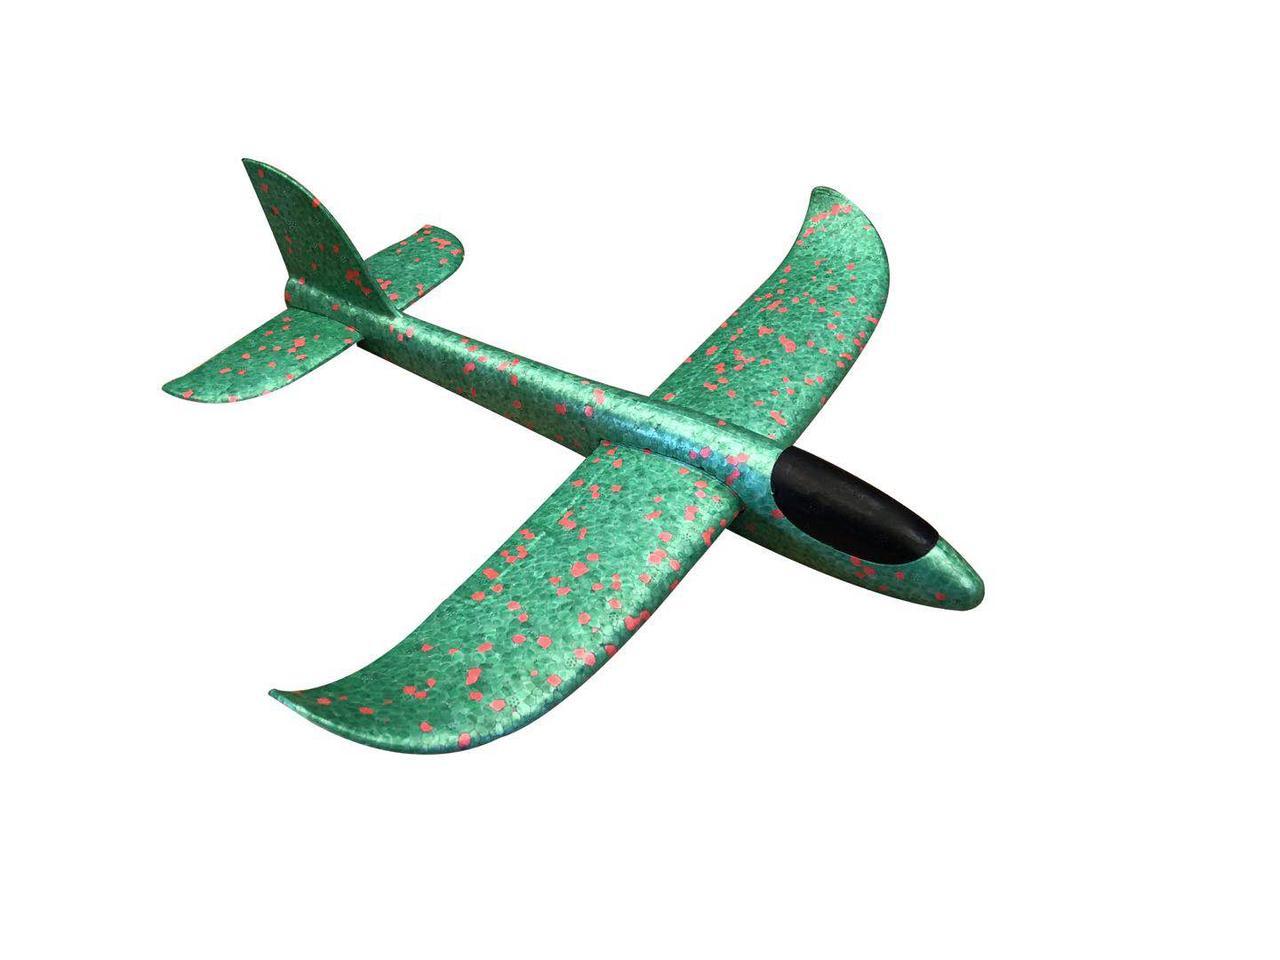 Детский самолет-планер 48х46 см Зеленый (6755-4)